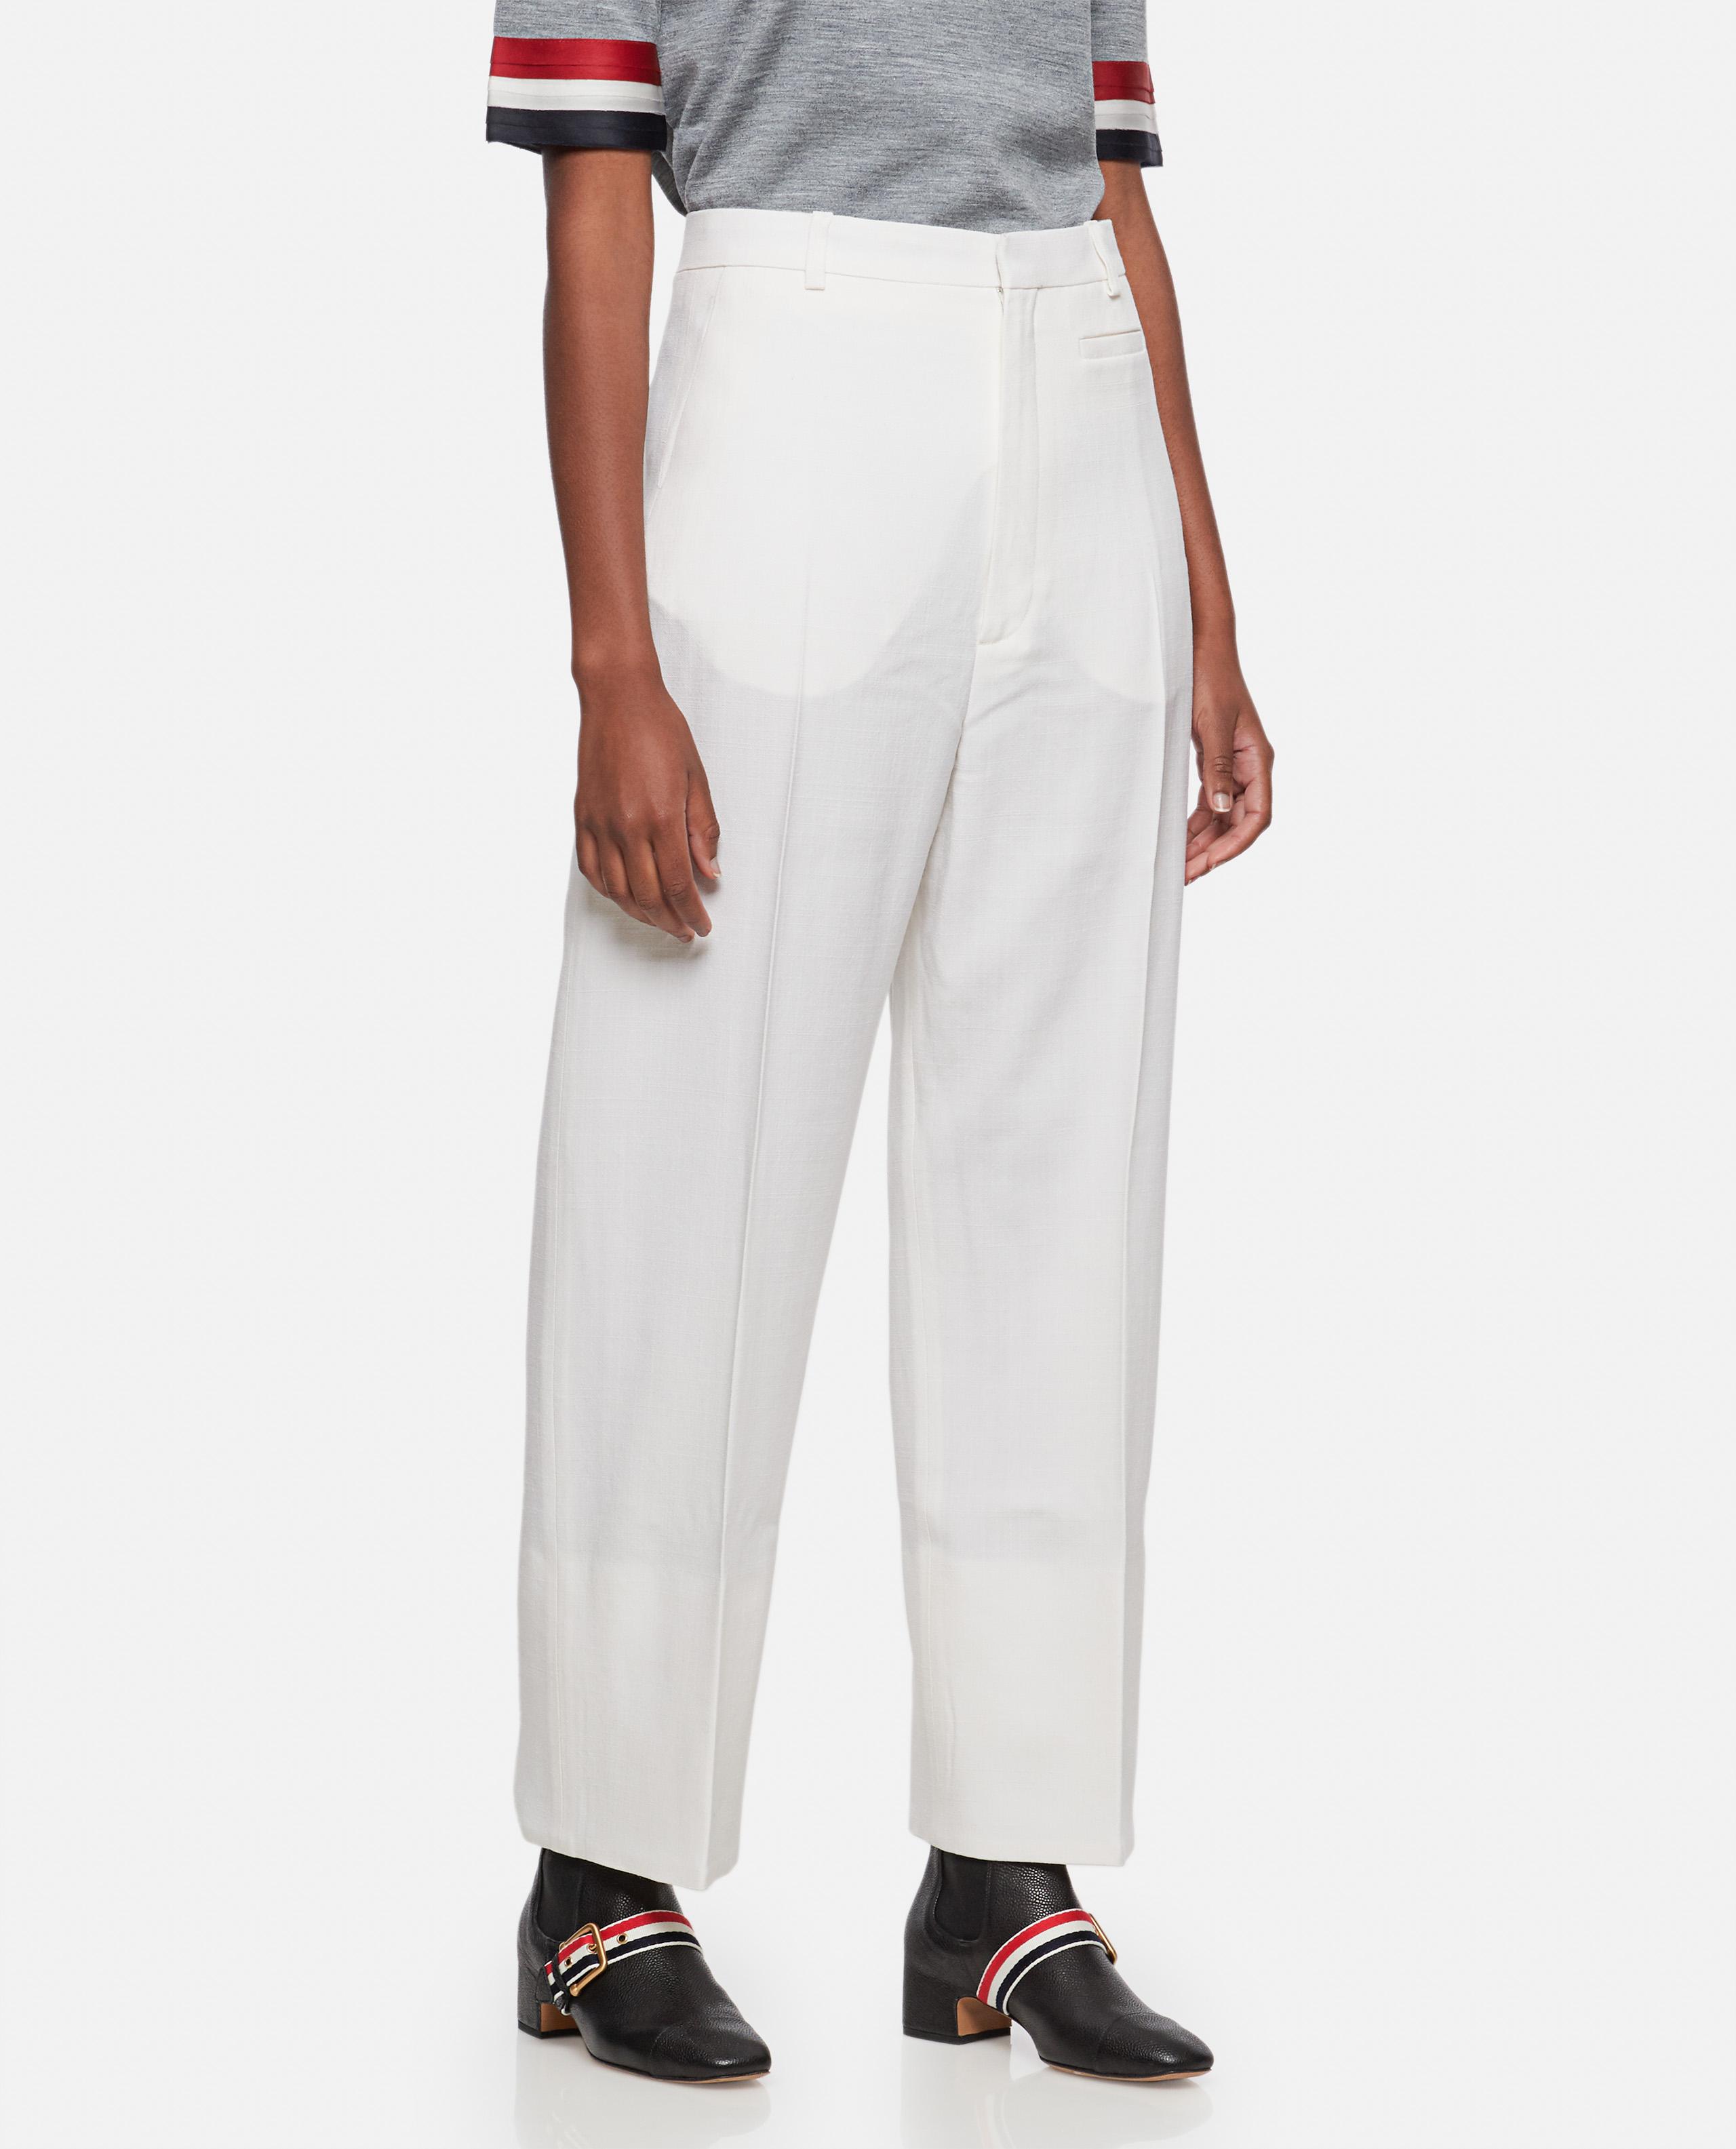 The Santon pants